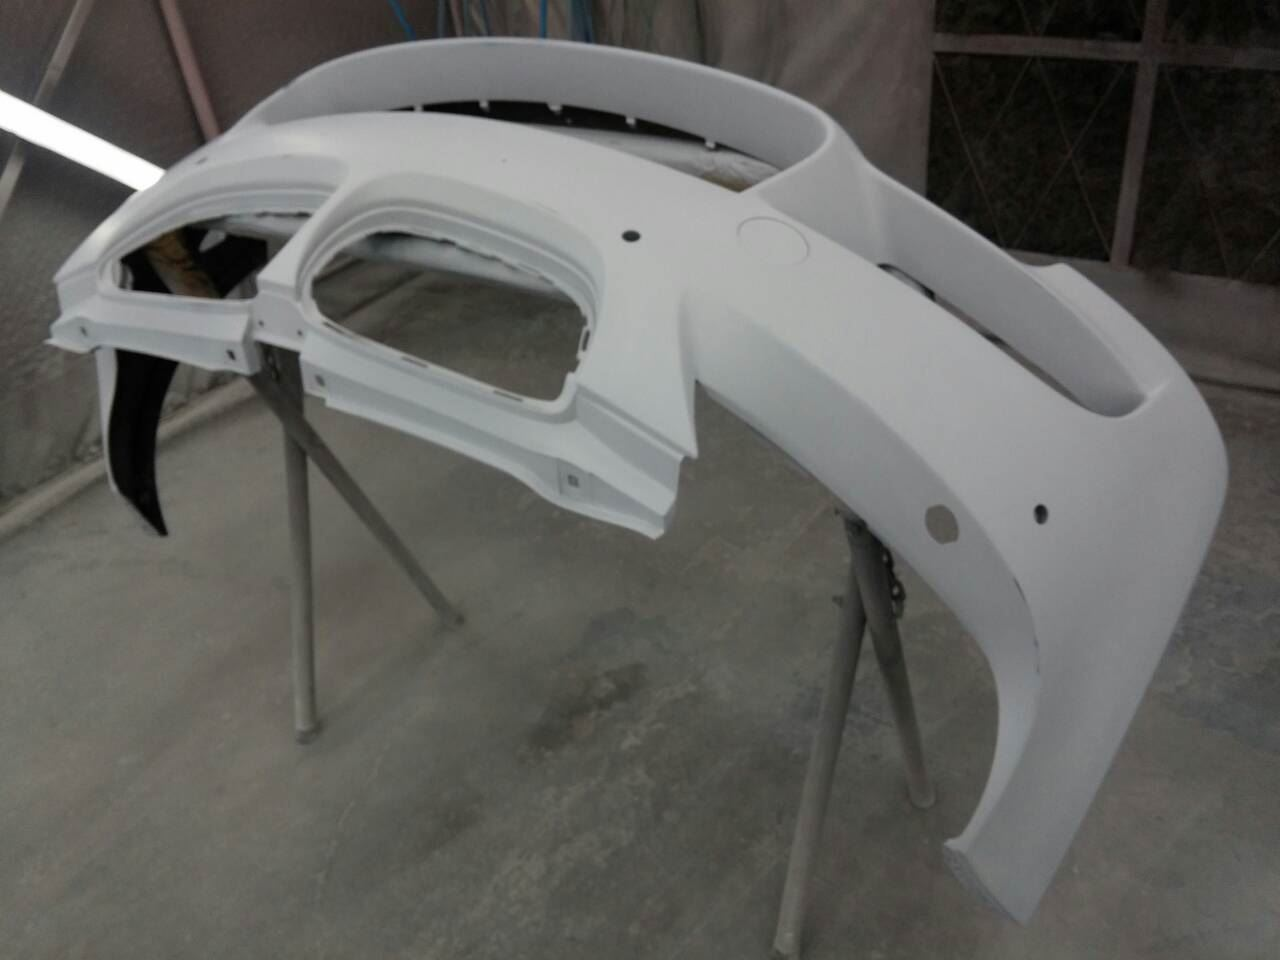 東京都立川市の車の板金塗装修理工場 ガレージローライドのBMW M3の前まわりのキズ へこみ の板金 修理 塗装 です。